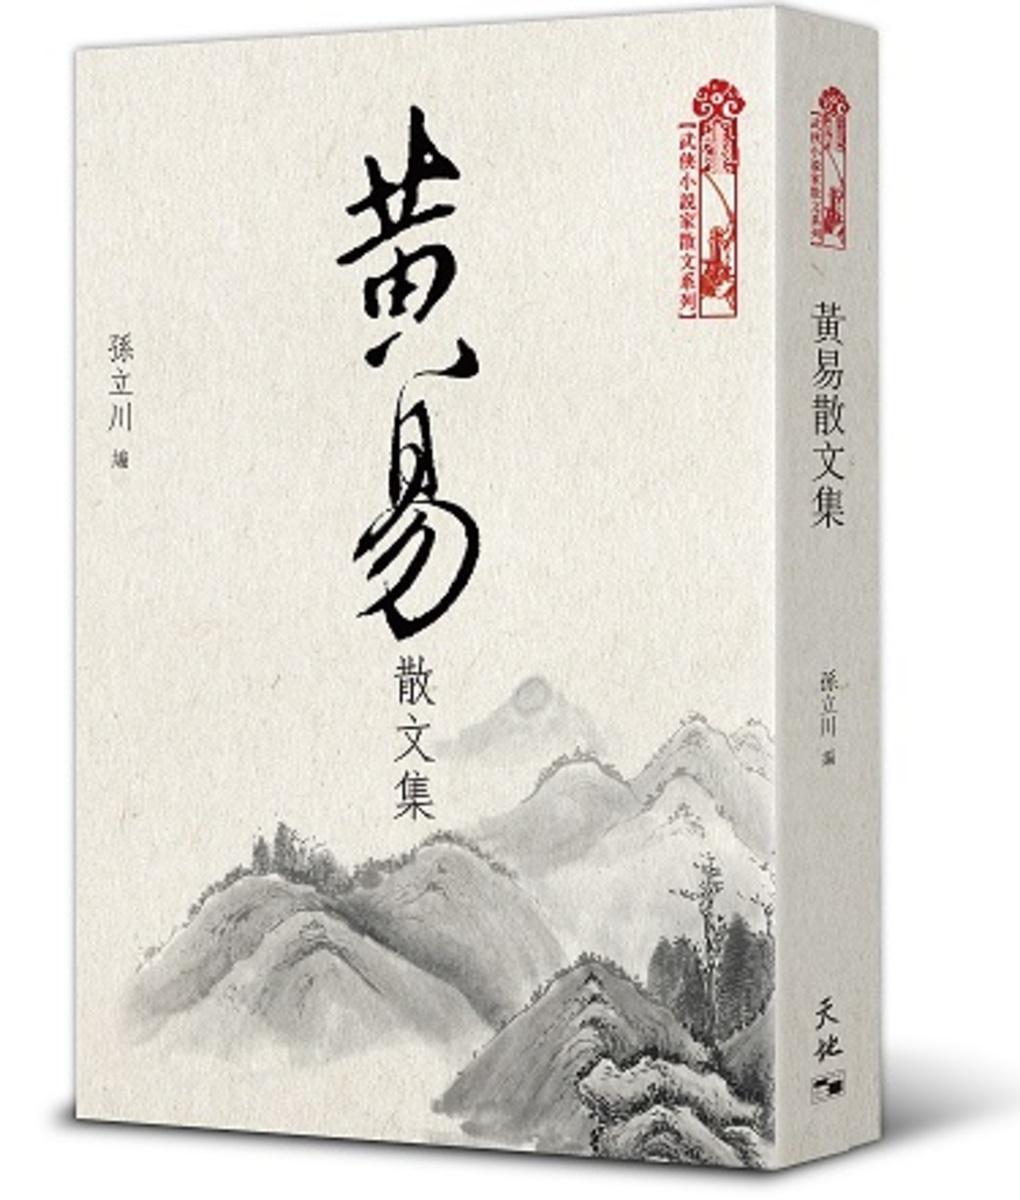 黃易散文集 | 黃易(作) ; 孫立川(編)